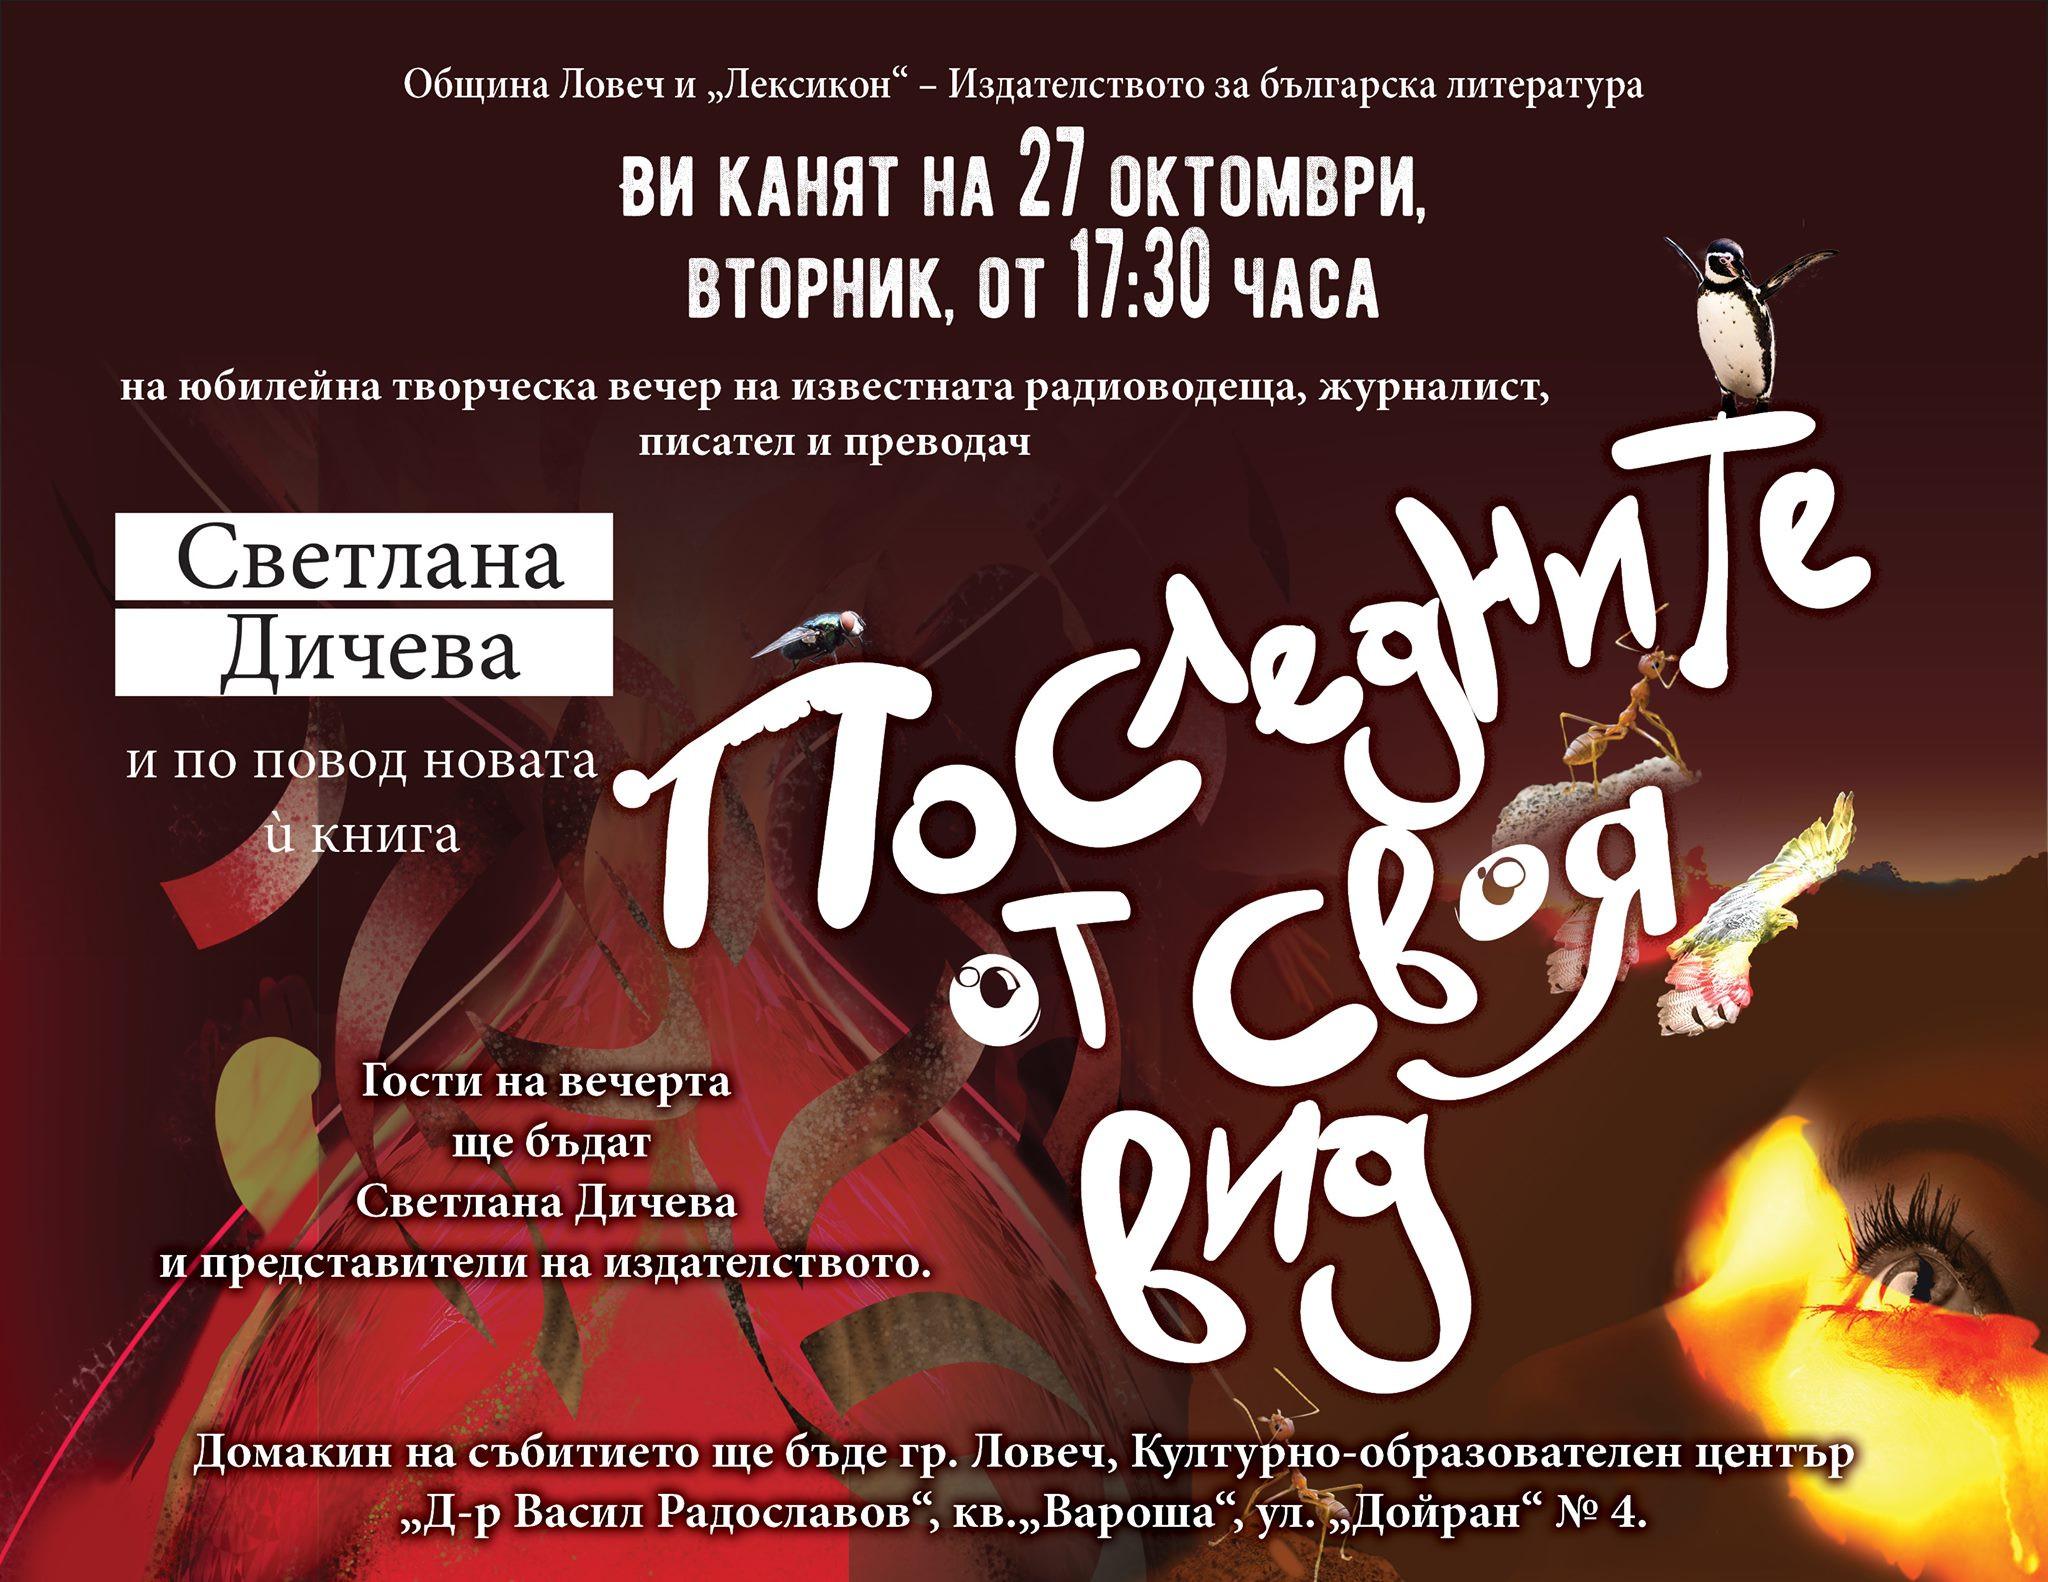 Юбилейна творческа вечер със Светлана Дичева